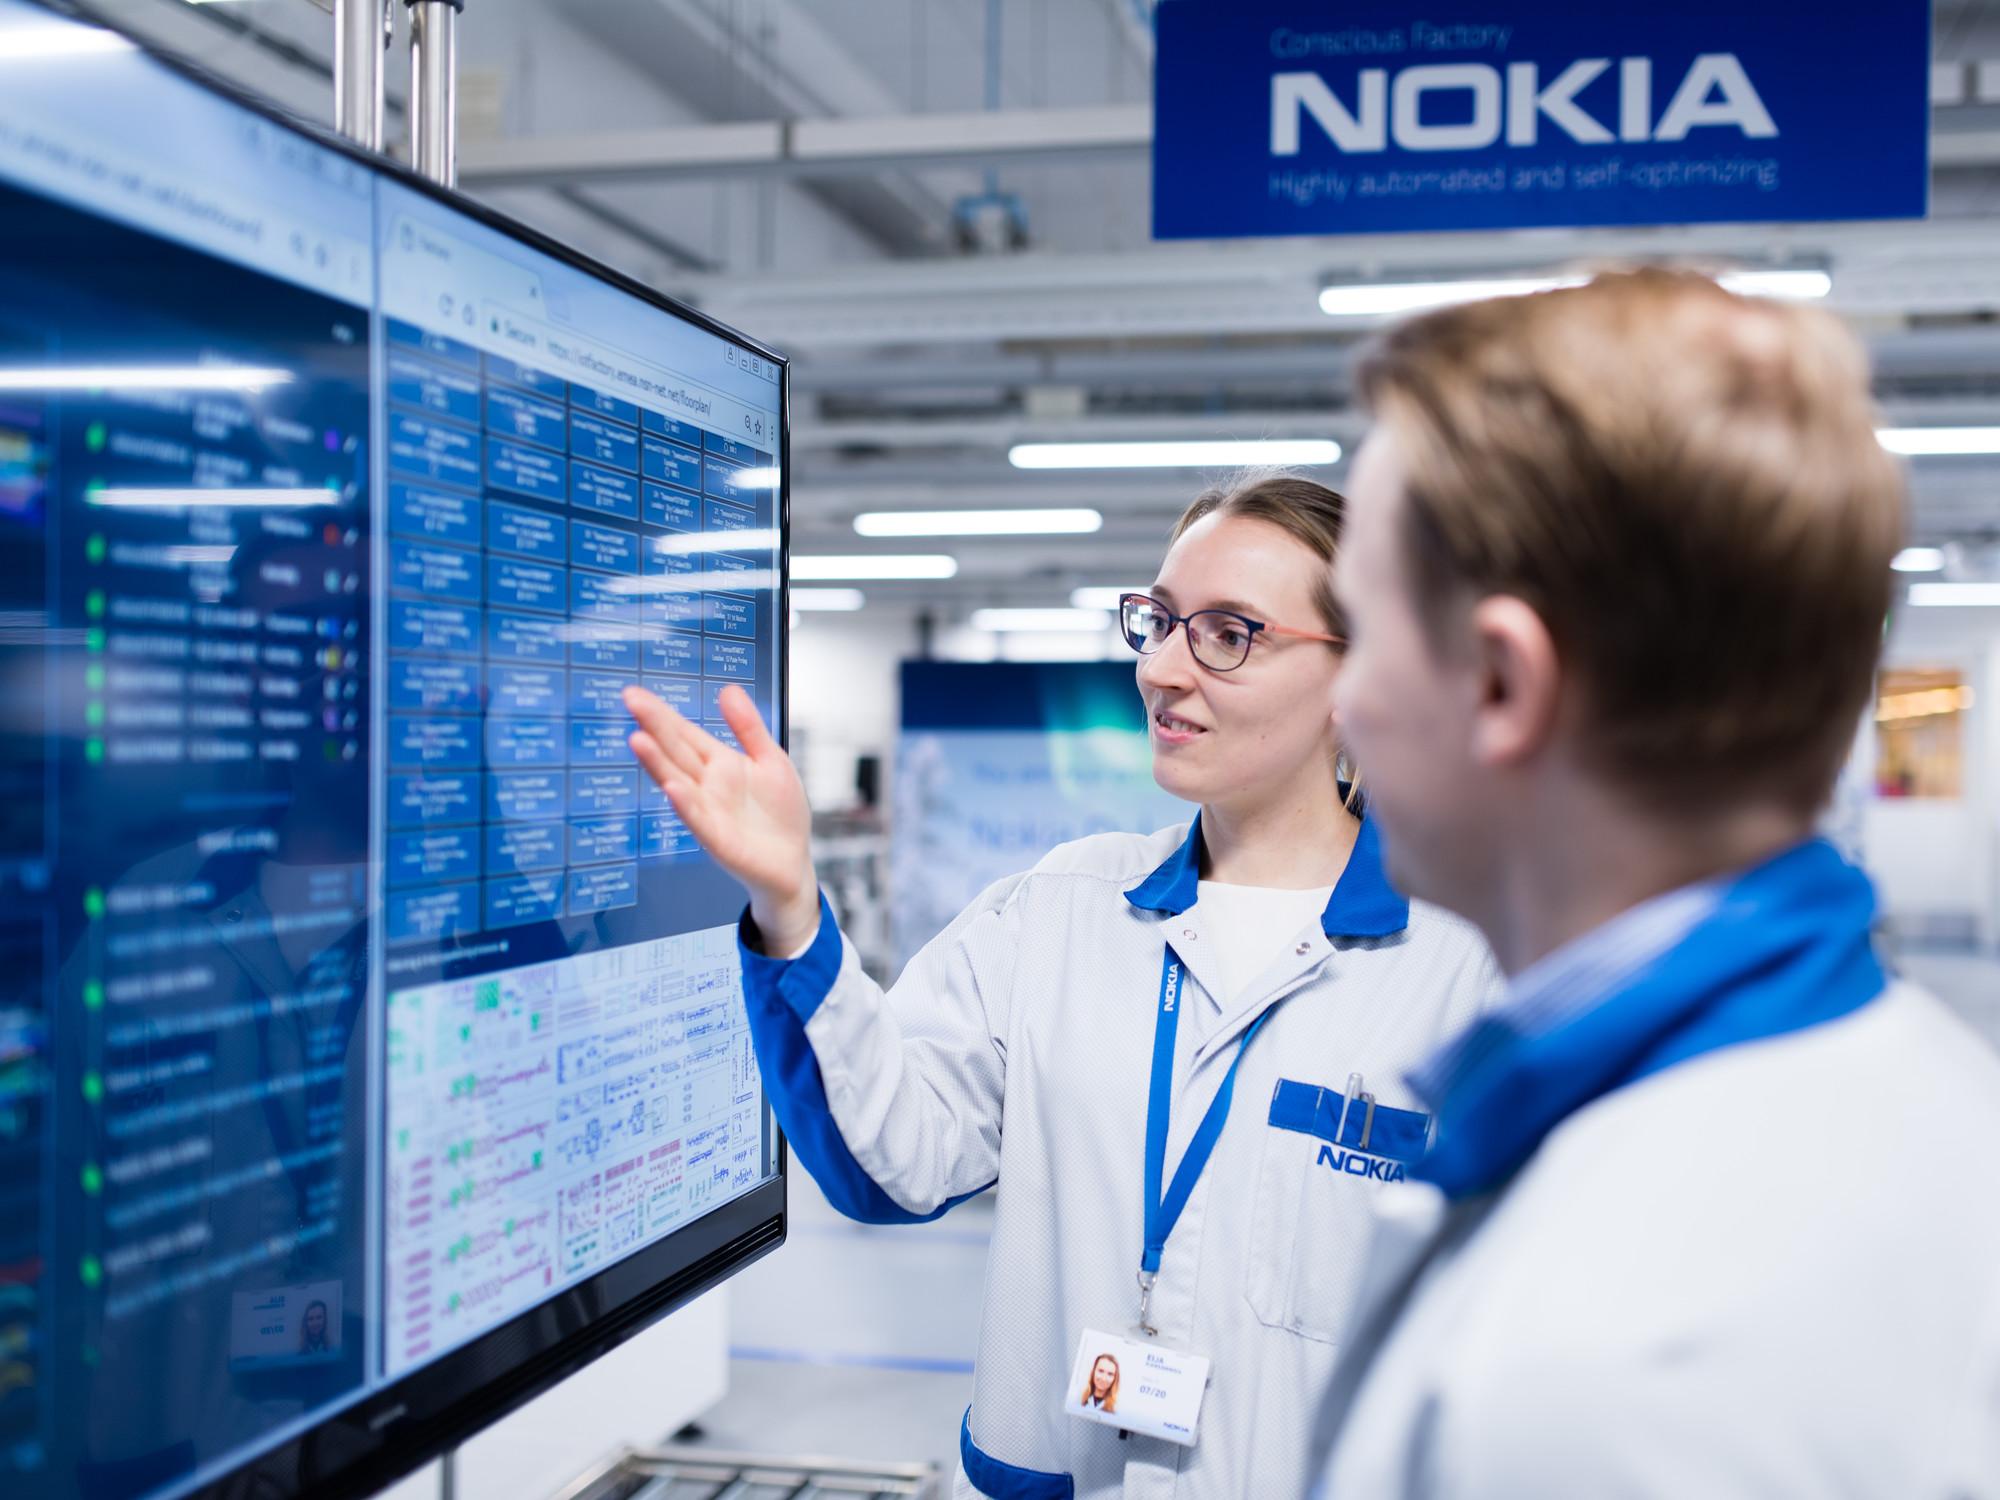 Nokia é escolhida pela A1 Telekom para fornecer 5G na Áustria